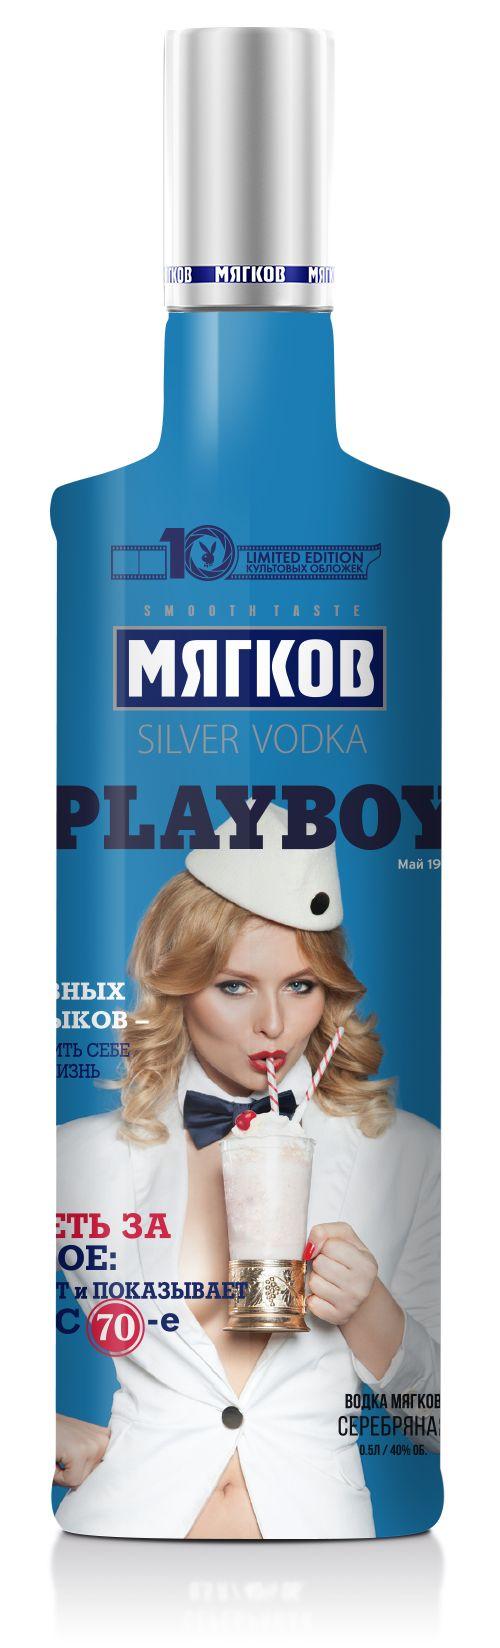 Myagkov Playboy Limited Edition, 1977 year cover remake. Мягков Плейбой Лимитированная серия. Римейк обложки 1977 года. Vodka. Spirits. Водка.